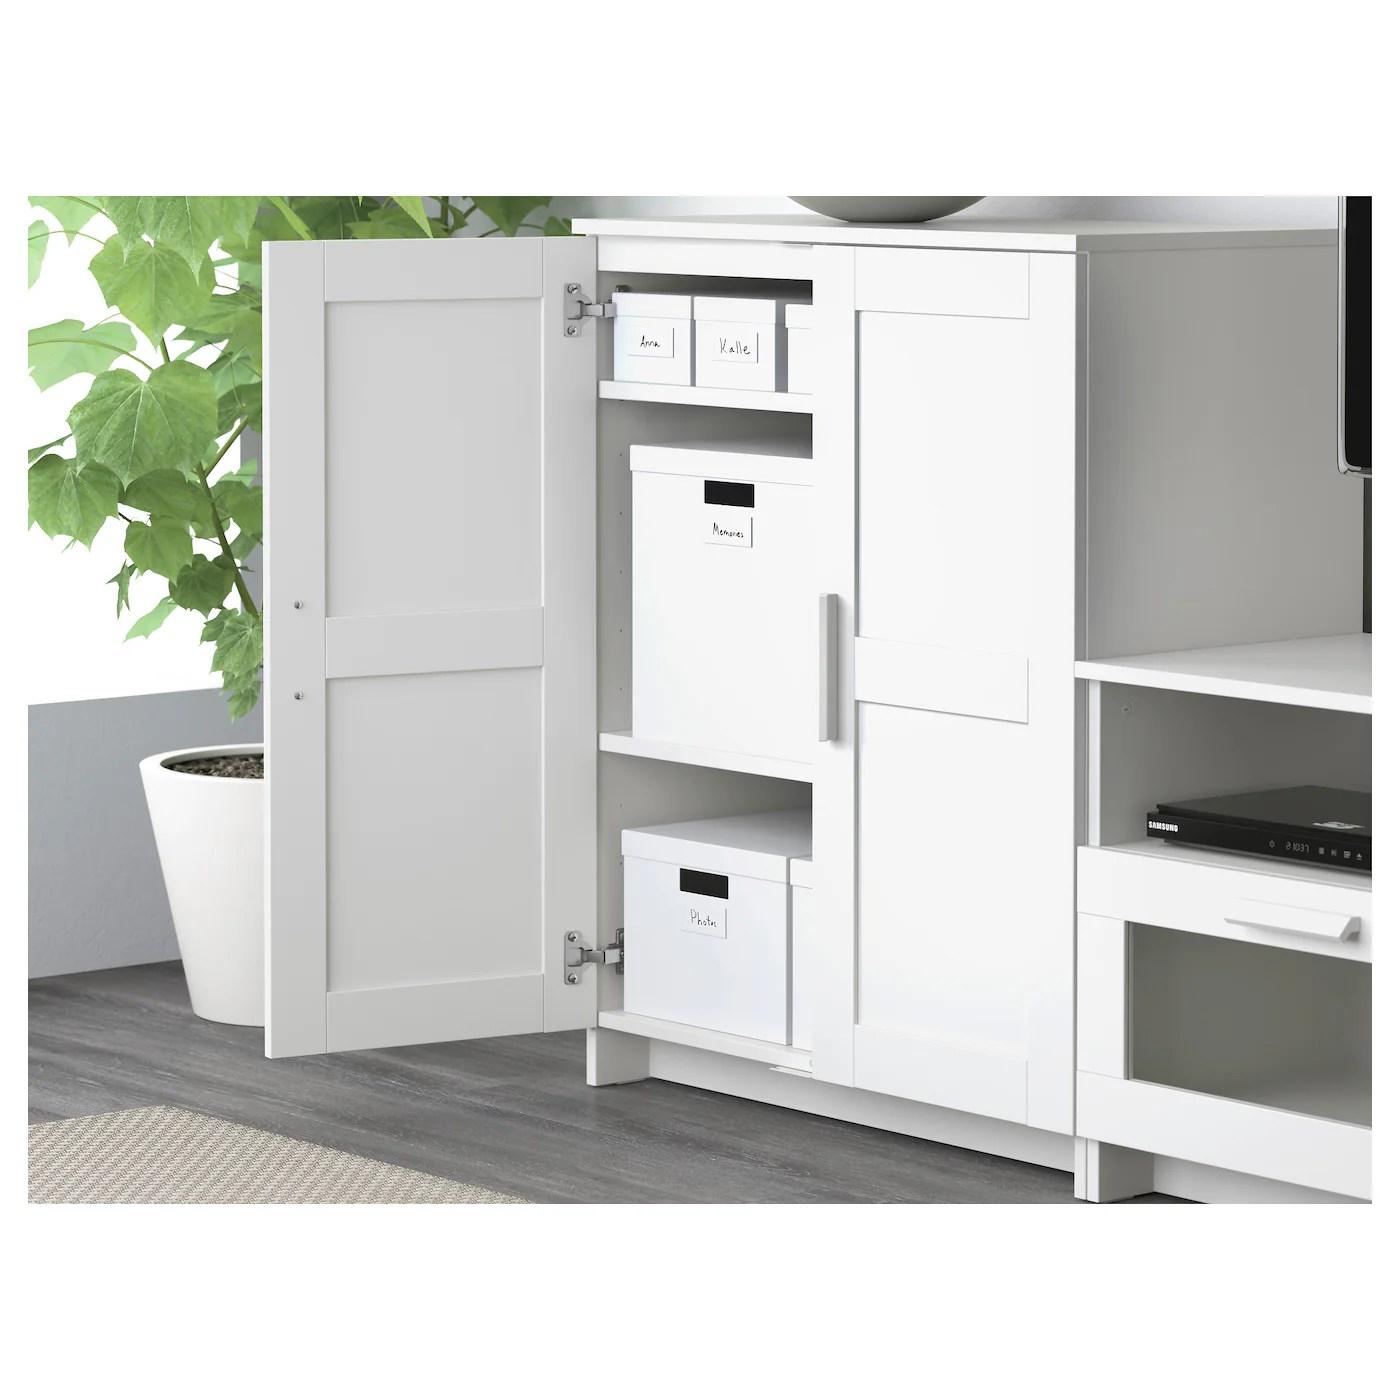 BRIMNES Schrank mit Türen, weiß, 78x95 cm   IKEA Österreich